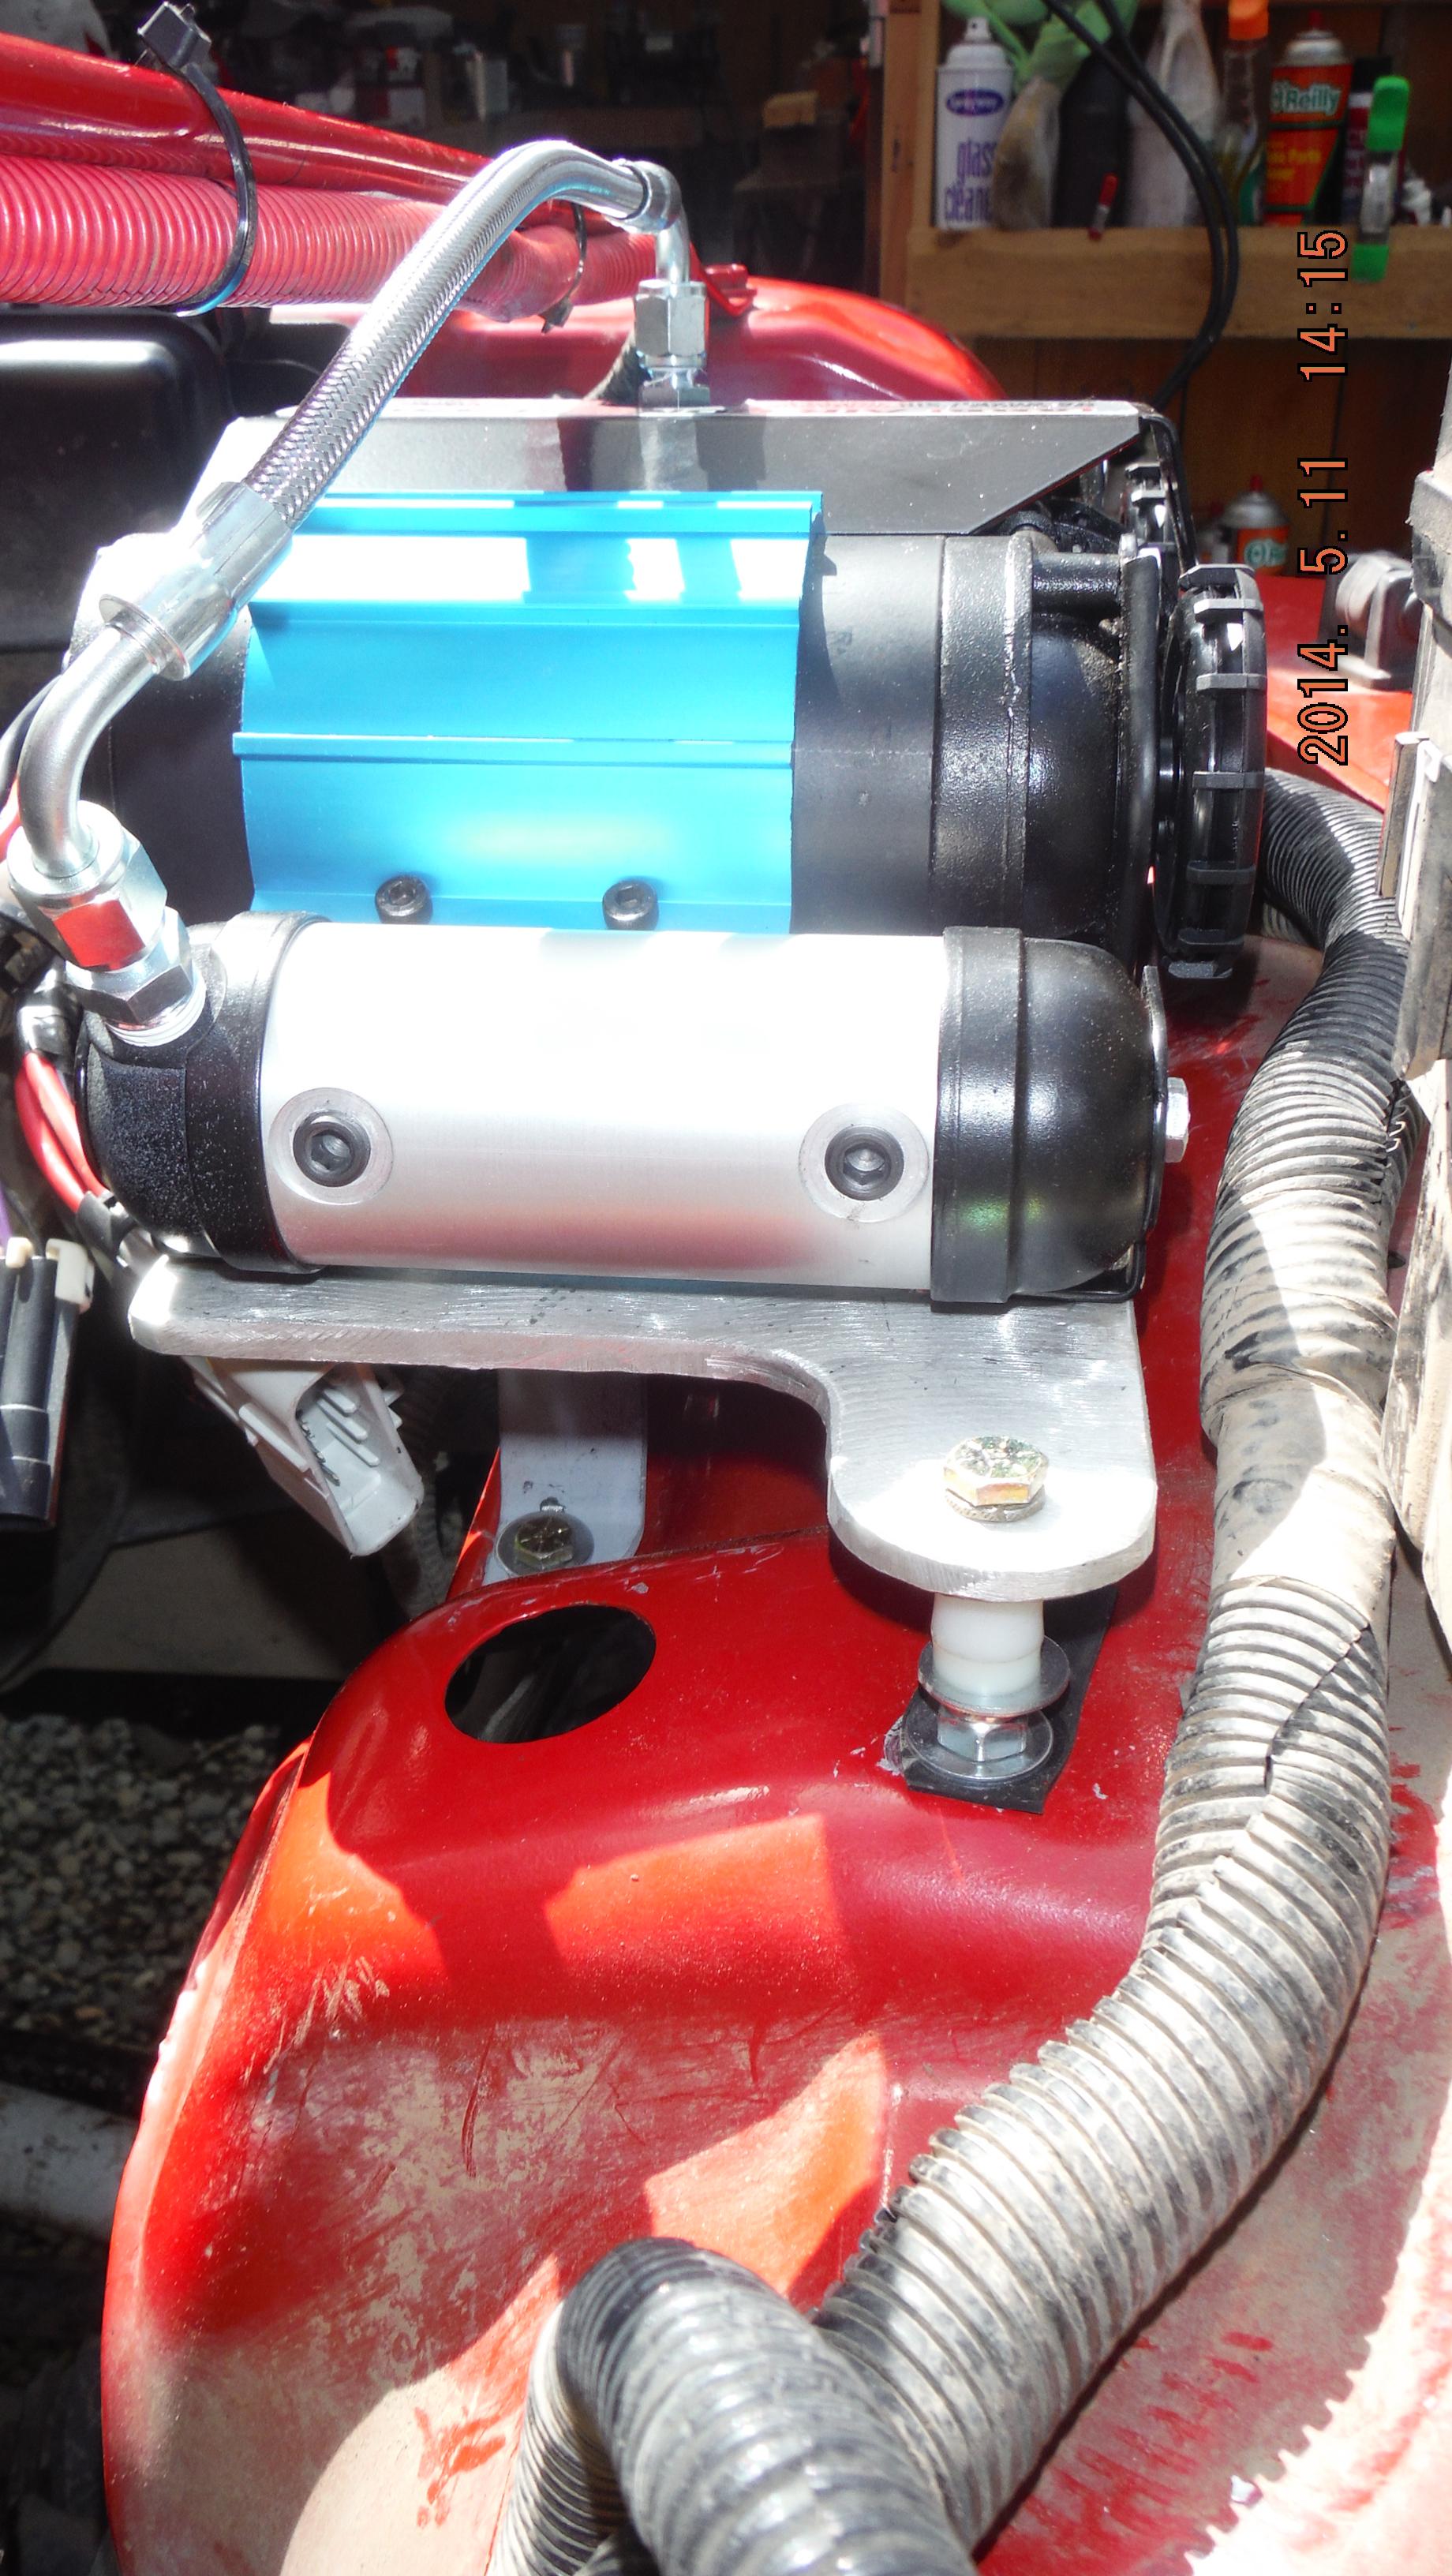 arb-compressor-install-003.jpg